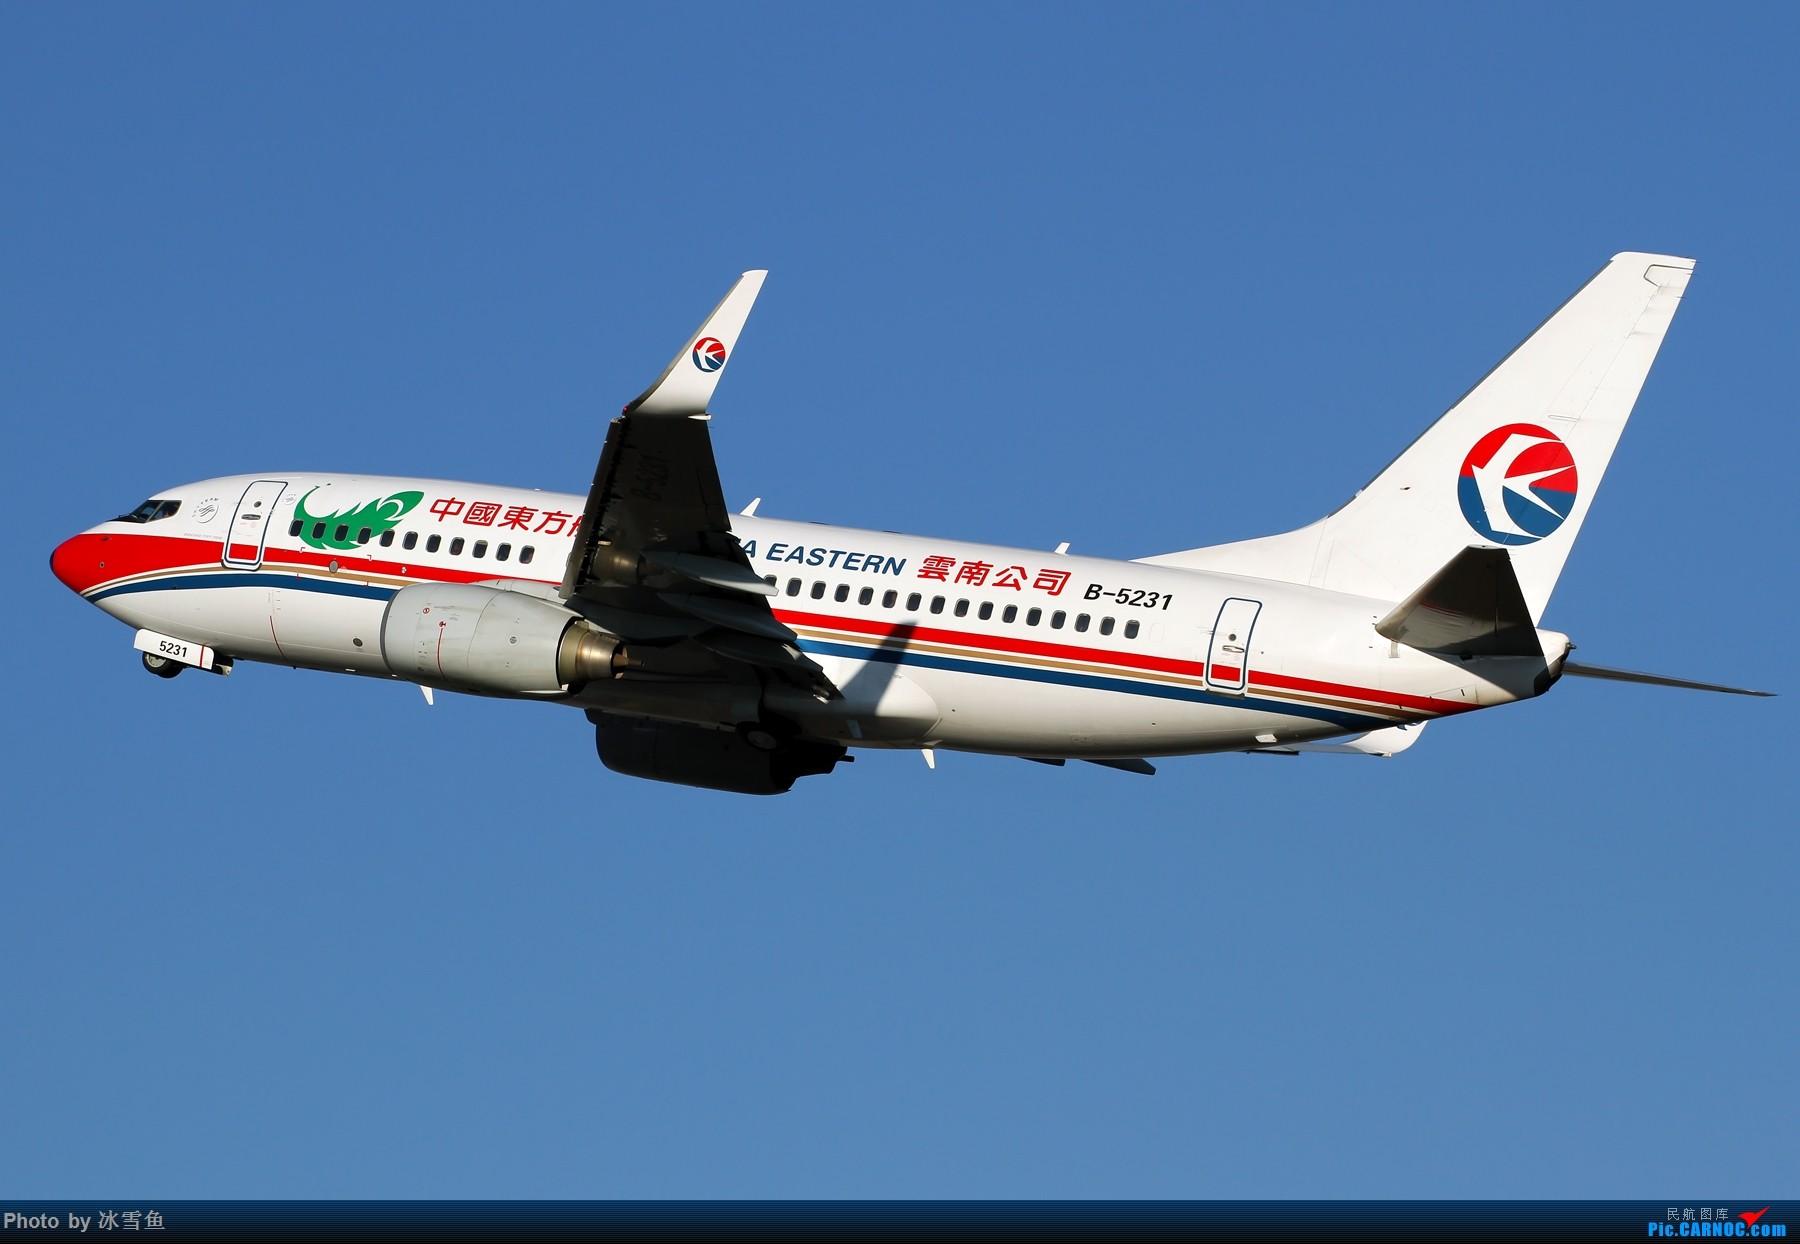 """Re:[原创]【BLDDQ-昆明飞友会】""""五四"""",来看看早上8、9点钟的光线,世界终究是你们的! BOEING 737-700 B-5231 中国昆明长水国际机场"""